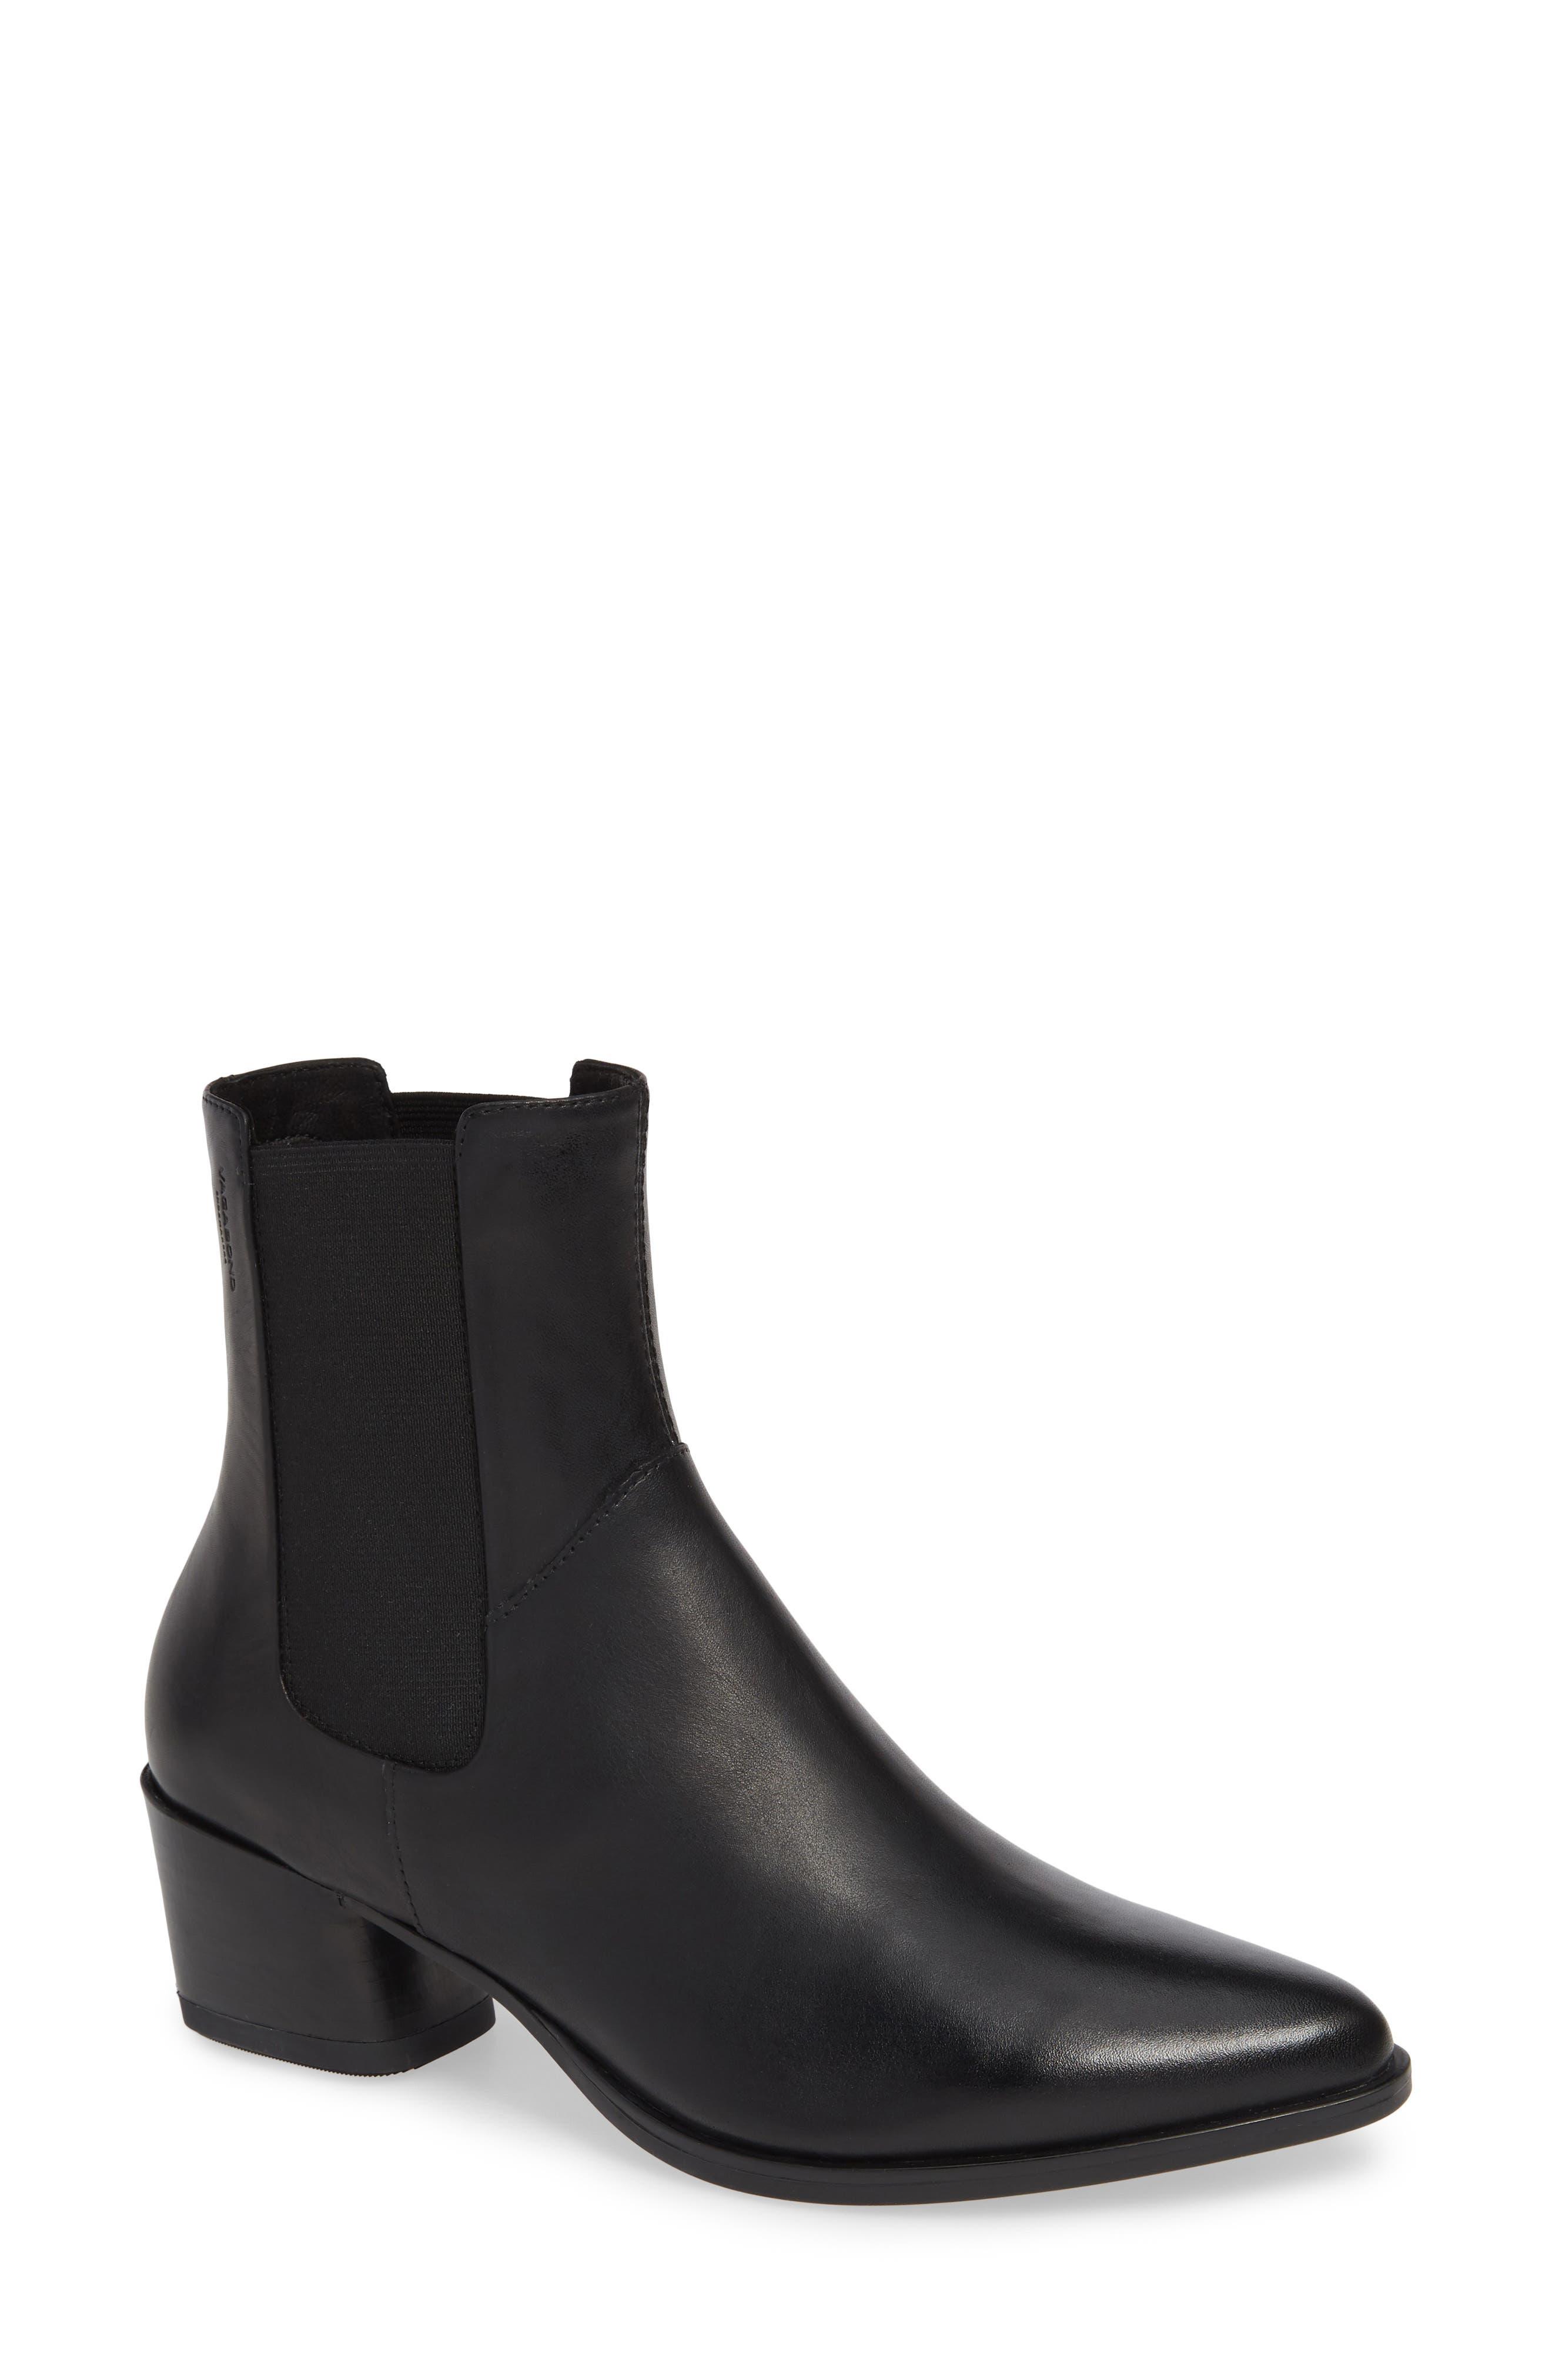 VAGABOND Shoemakers Lara Bootie, Main, color, BLACK LEATHER